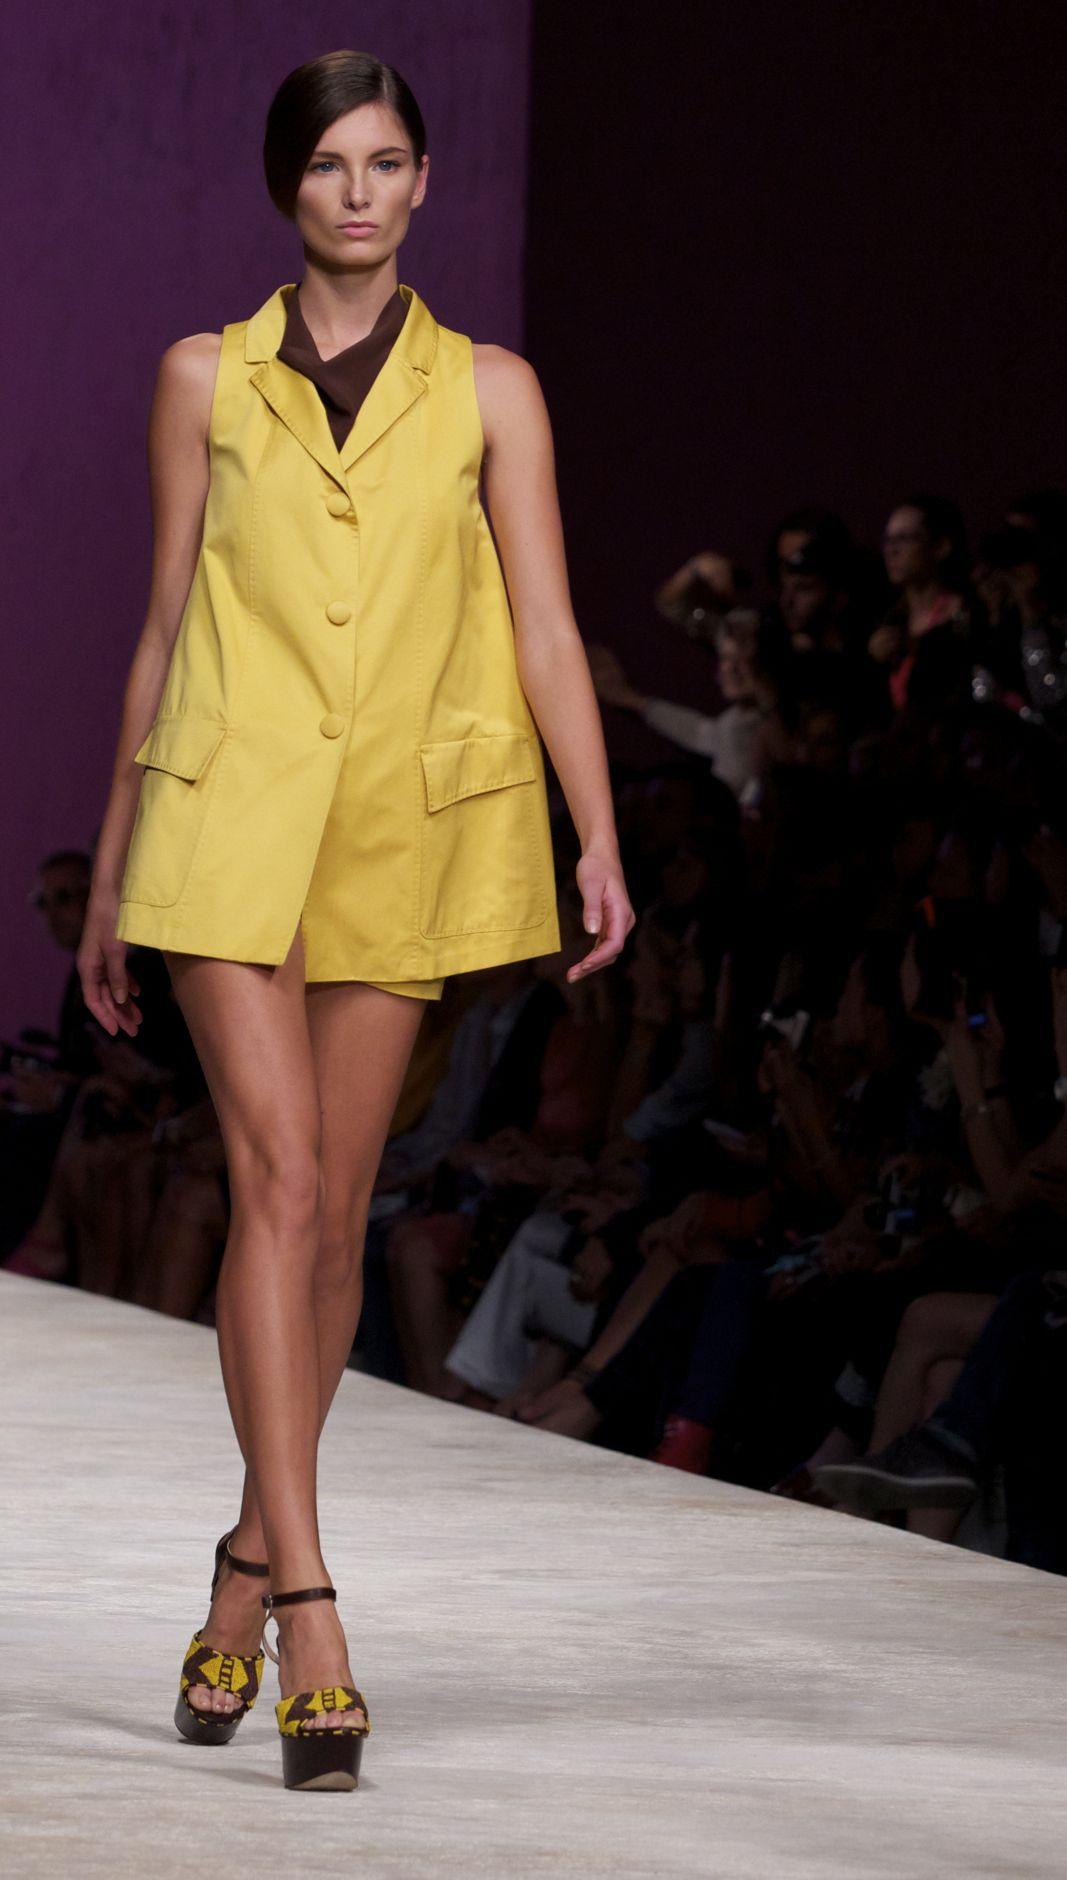 Summer 2013 Fashion Show Ermanno Scervino